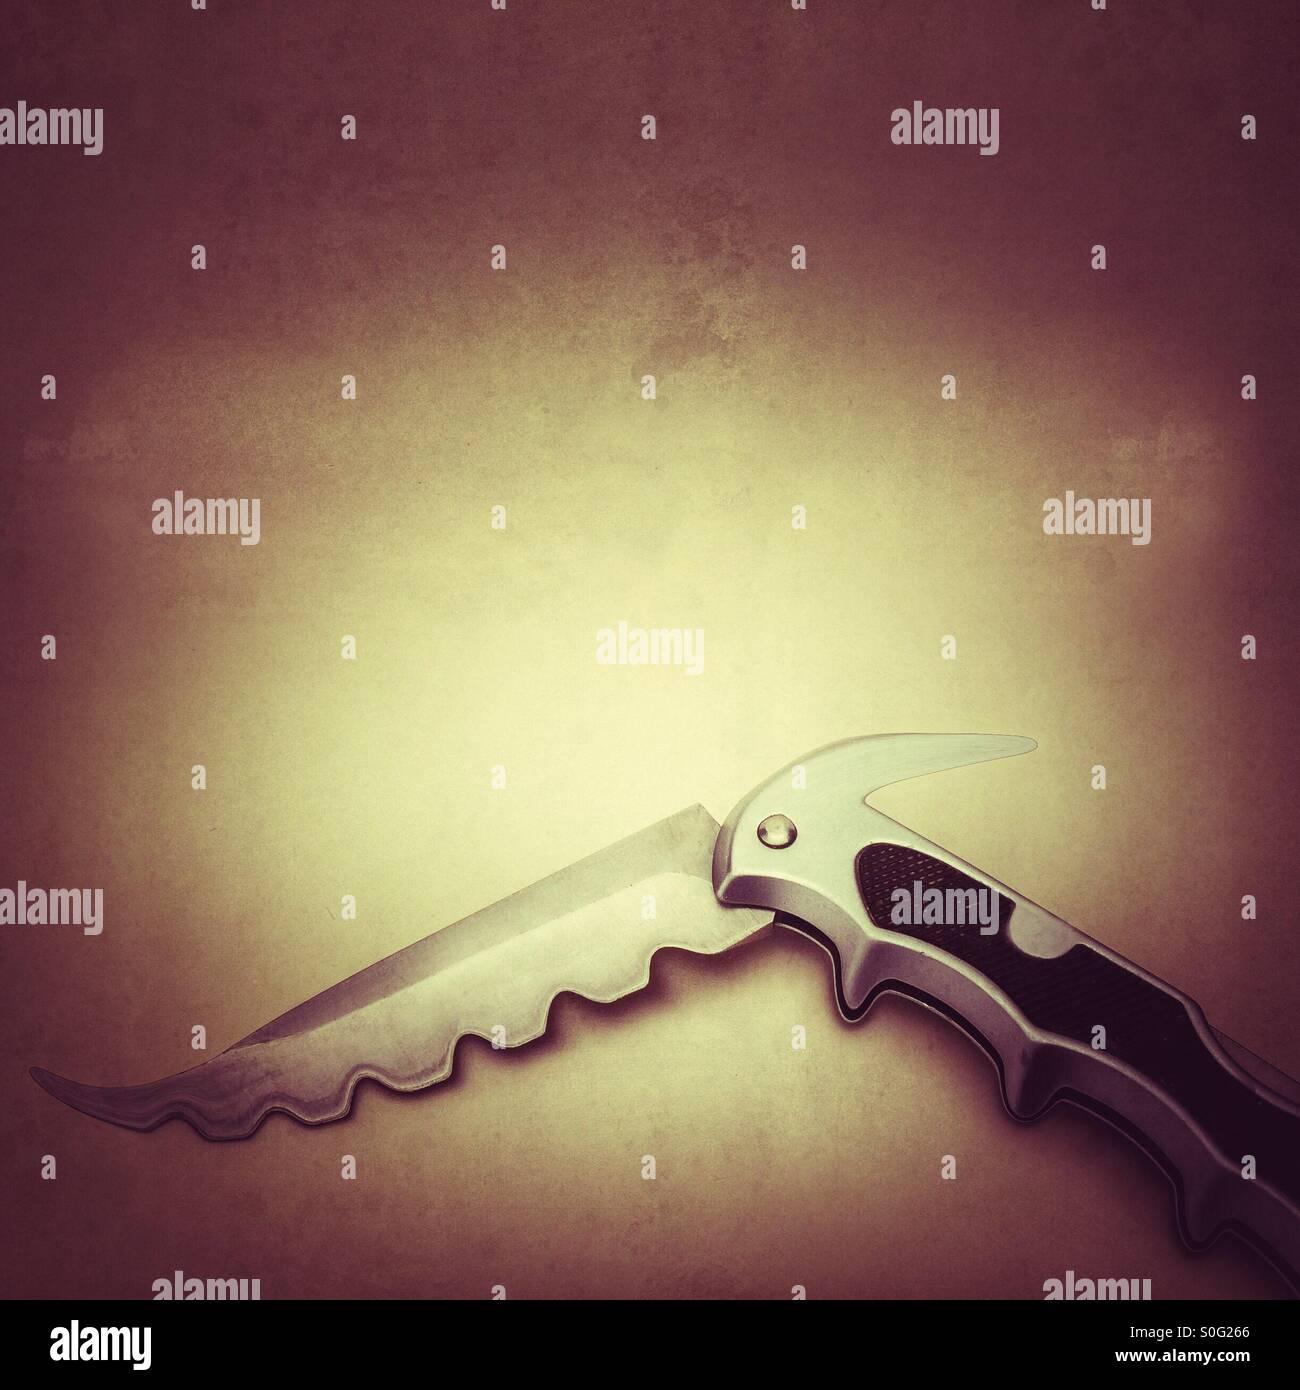 Couteau de poche à la dangereuse méchant manipulé pour donner swatted à la blade Photo Stock